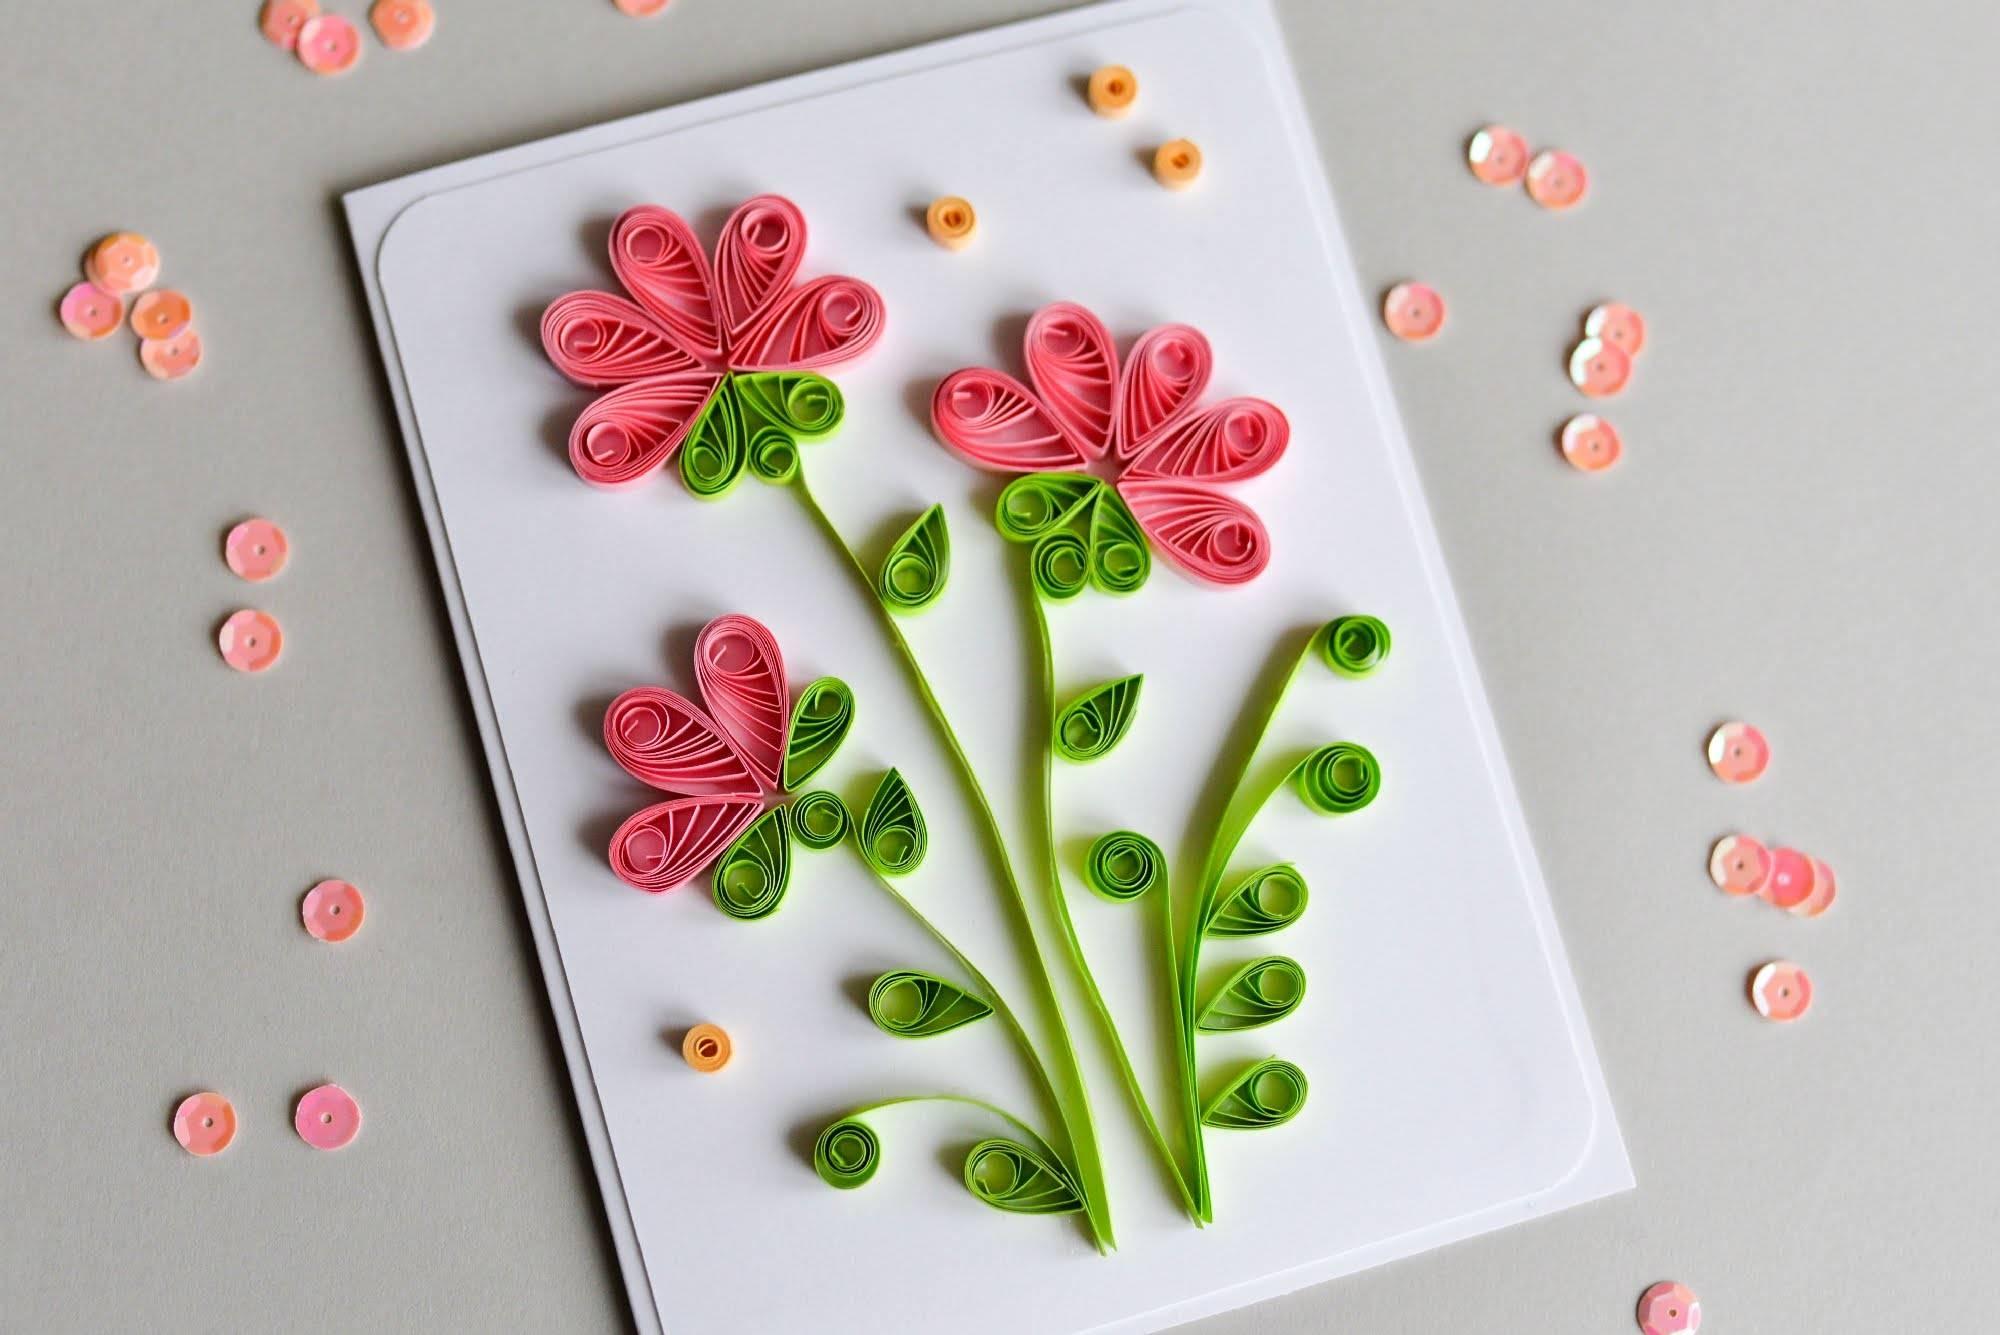 Как делать цветы на открытку своими руками из бумаги, саша тебе скучаю